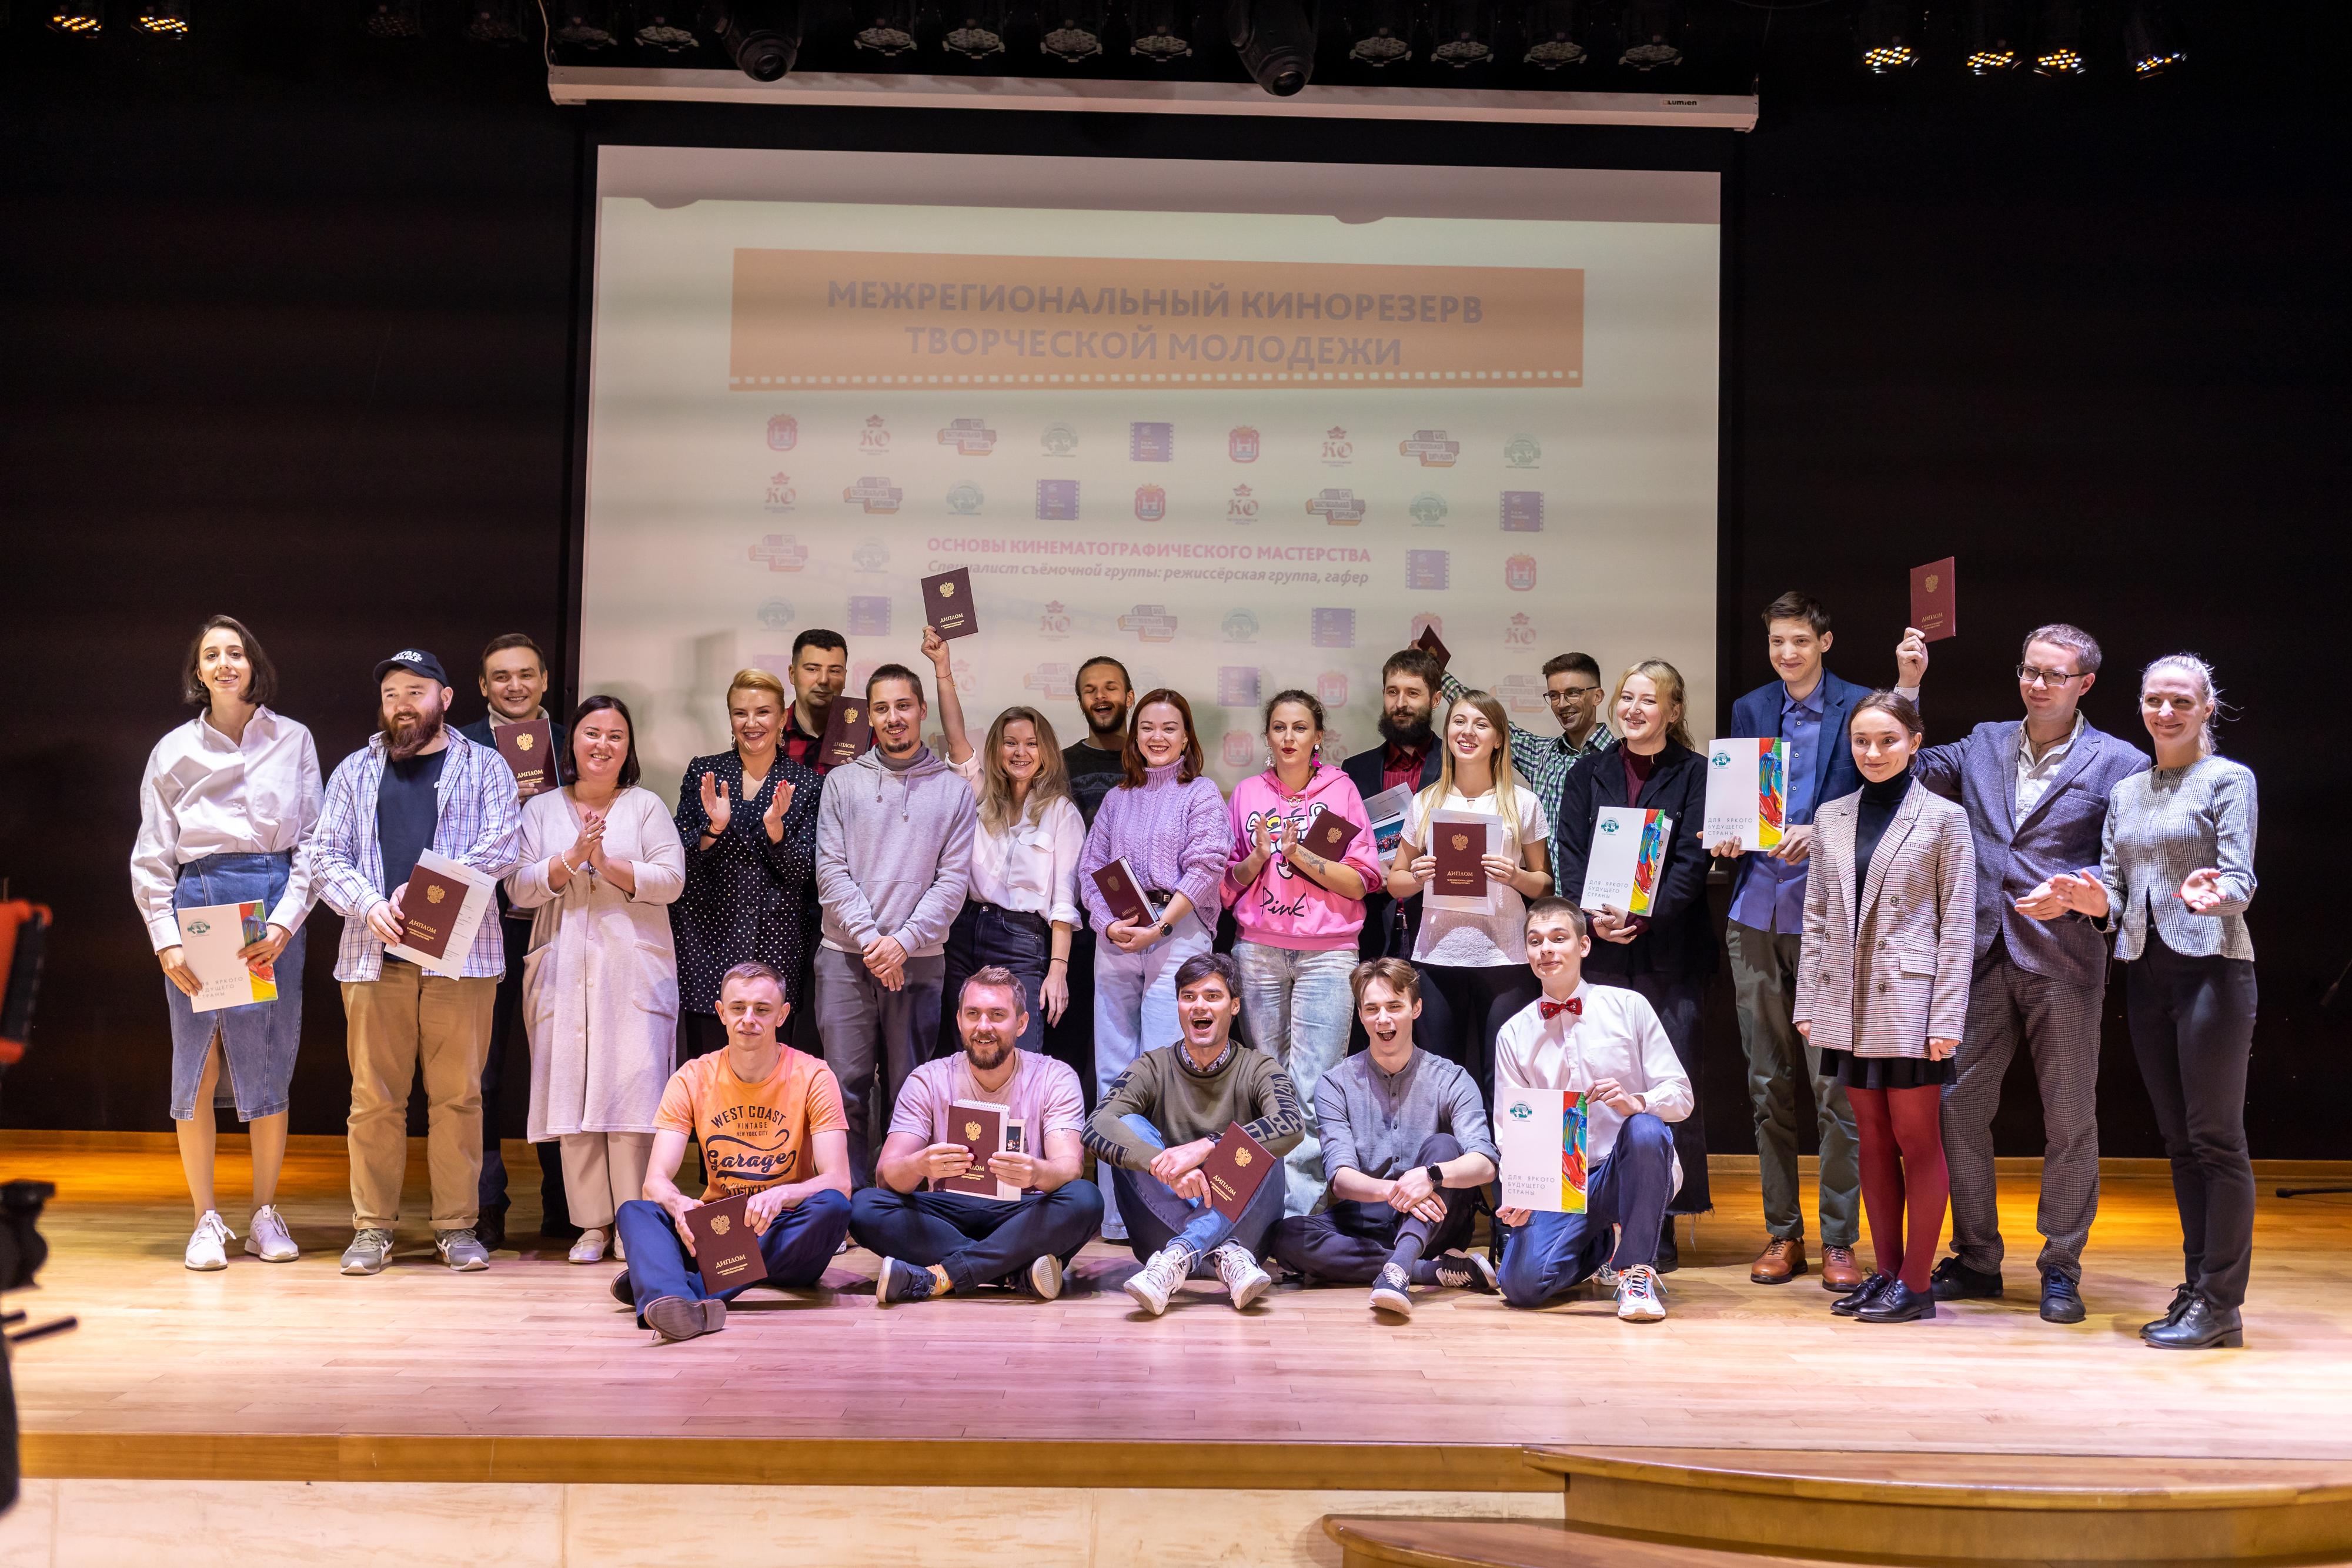 «Фестивальная дирекция» и СПбГИ КиТ вручили дипломы студентам первого кинокурса